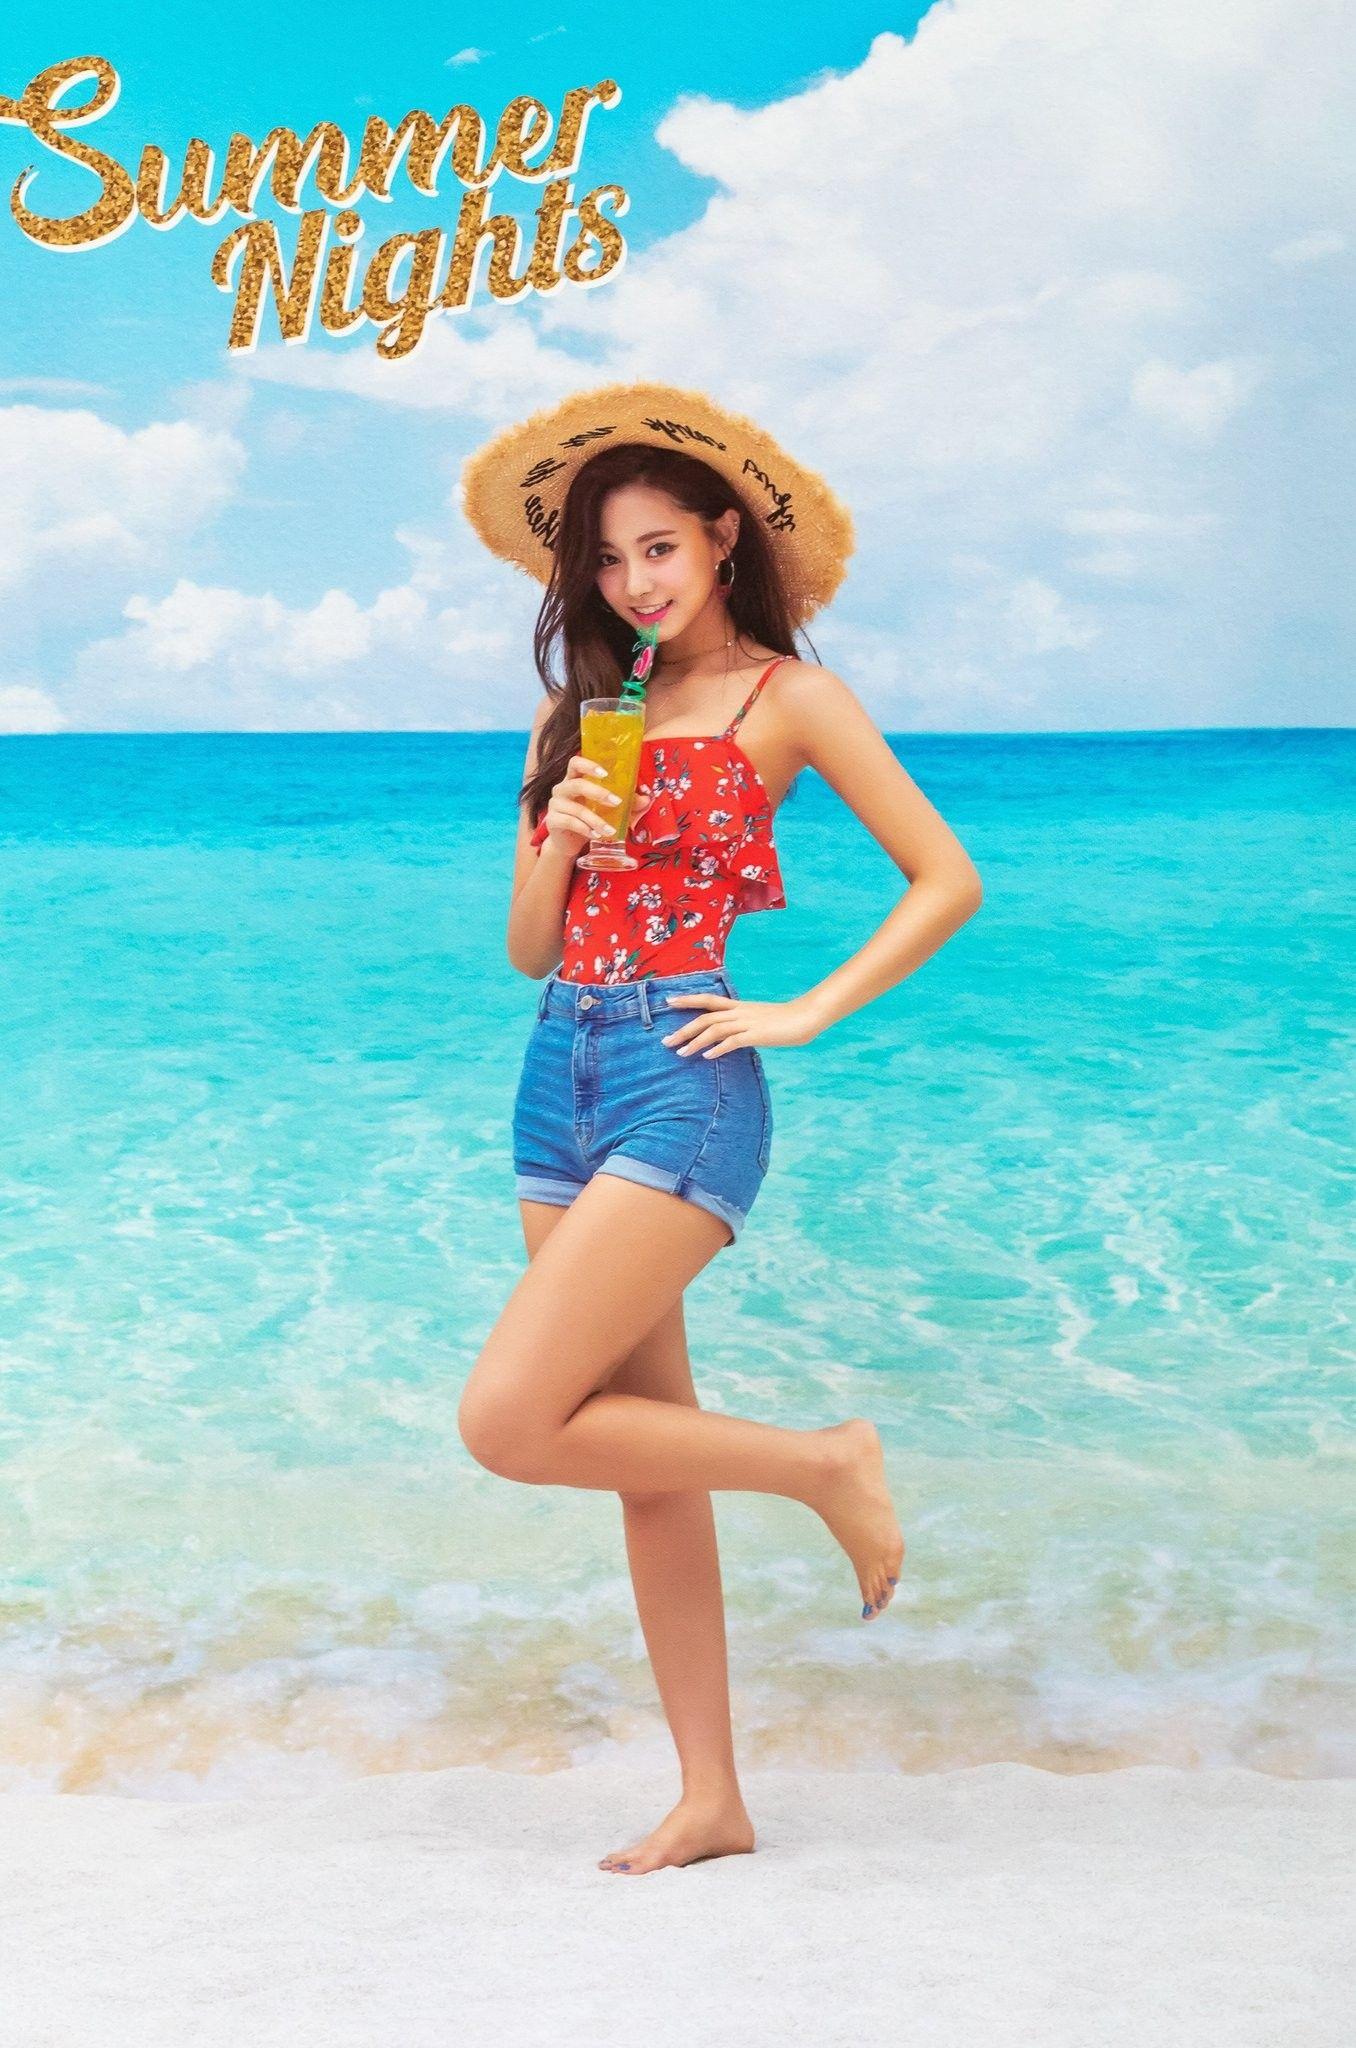 Twice Tzuyu Summernights Dancethenightaway High Quality Photo